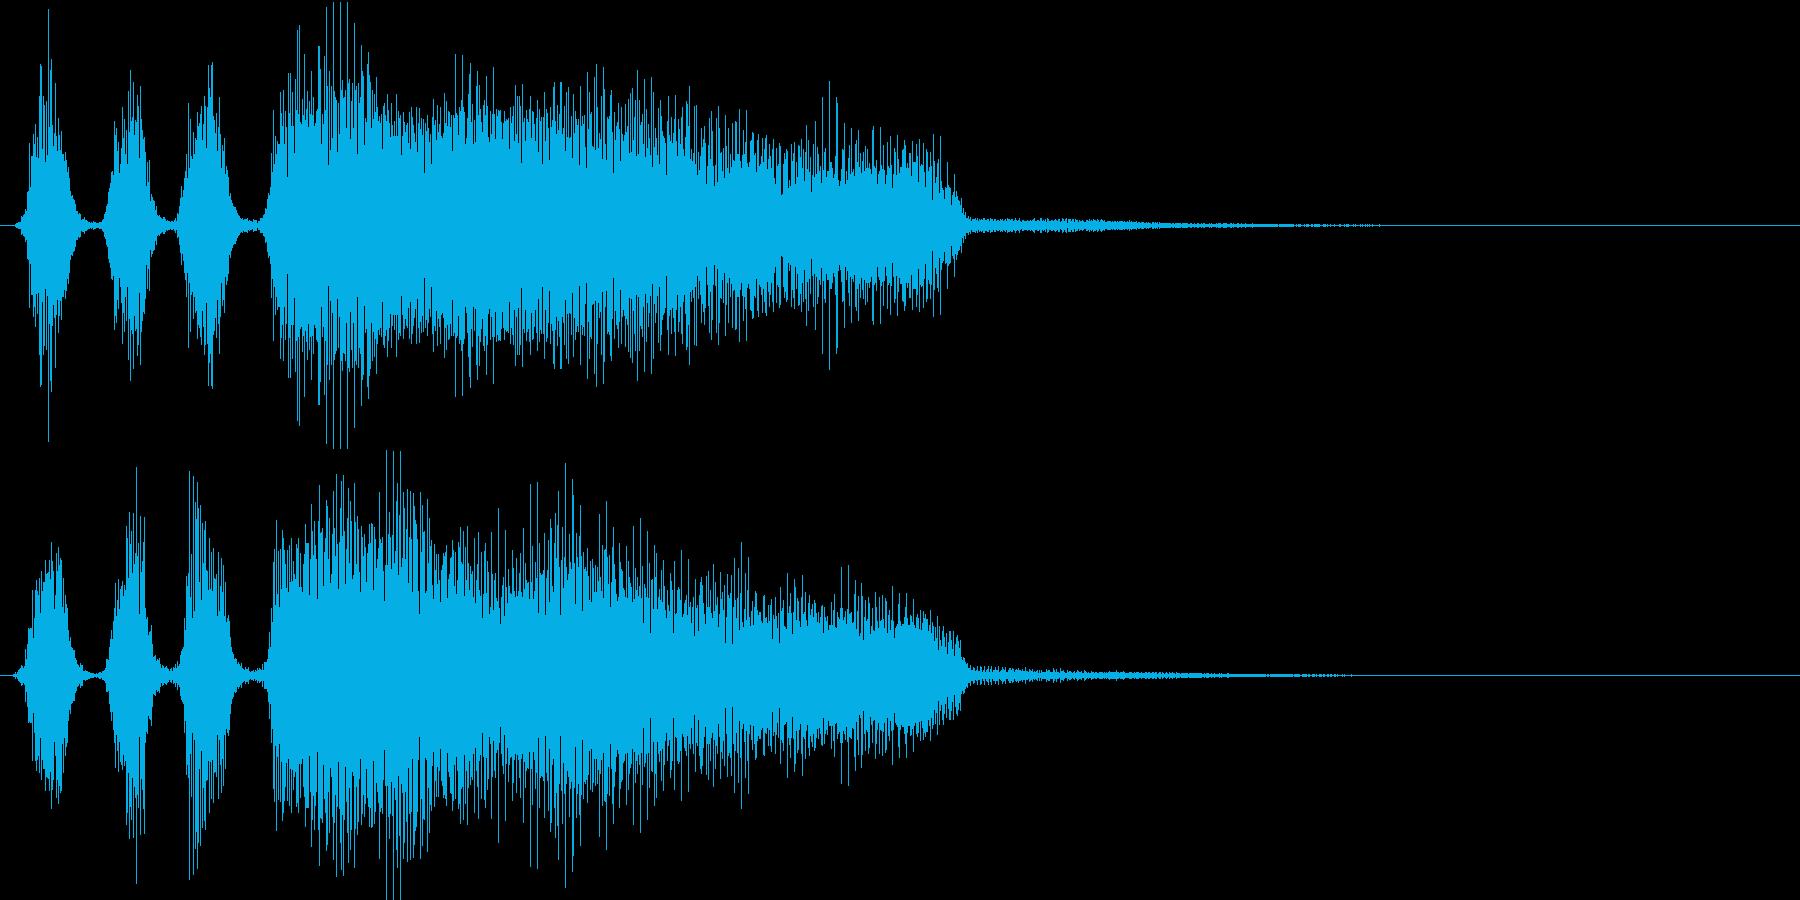 パパパパーン(シンプルなファンファーレ)の再生済みの波形